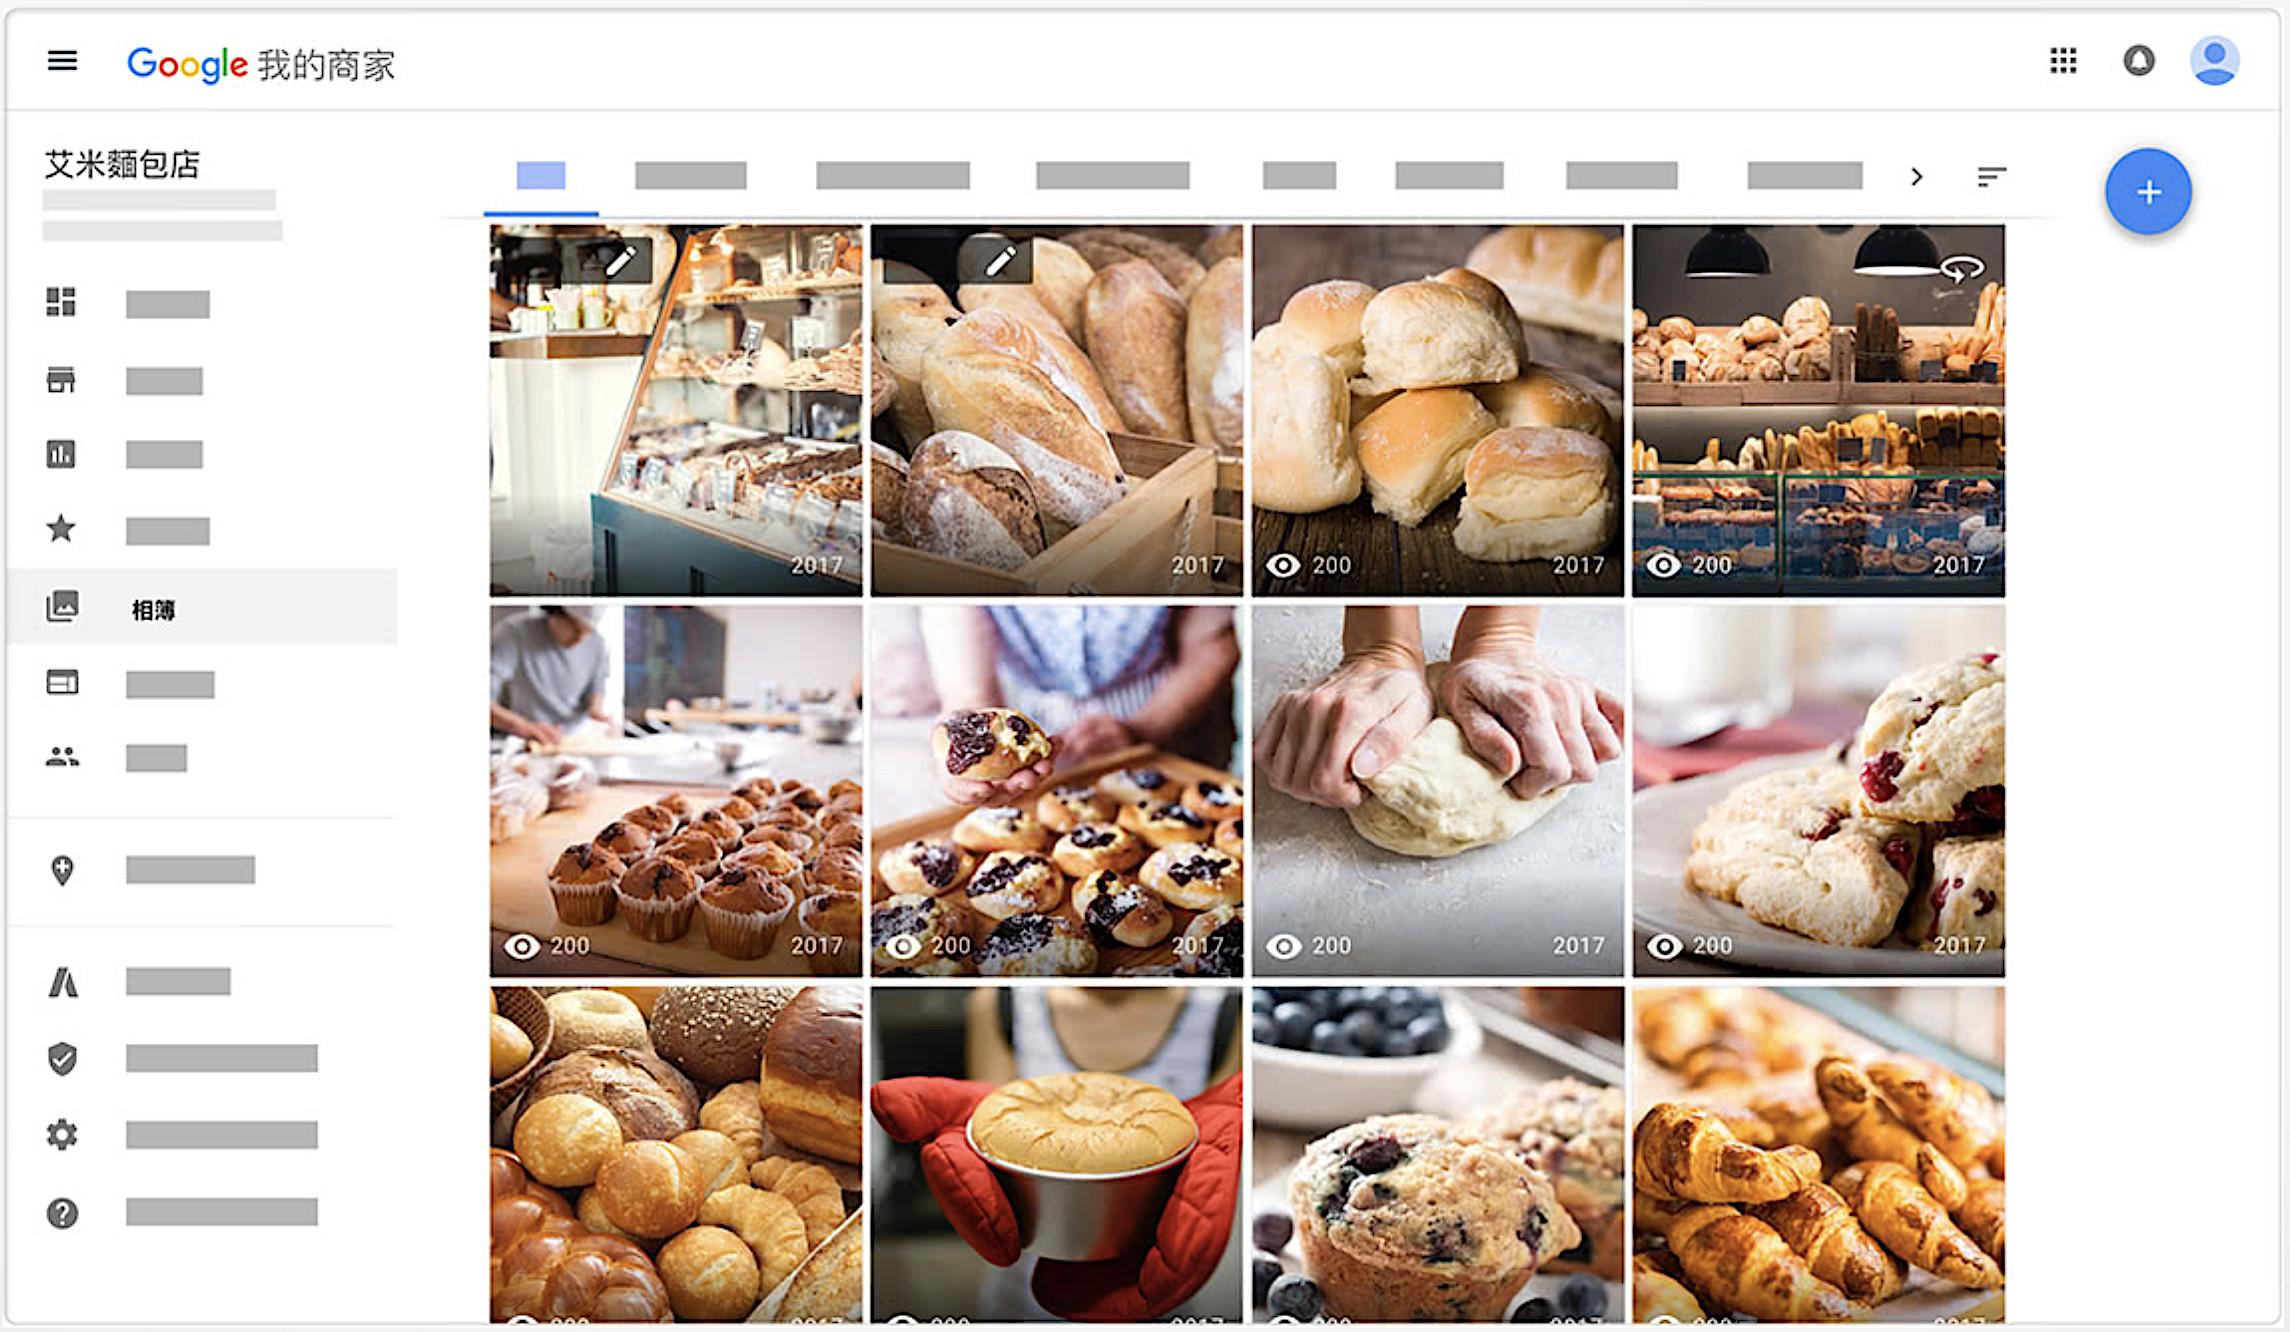 改善Google 商家本地搜尋排名-上傳店家照片-鯊客科技SEO網頁設計公司